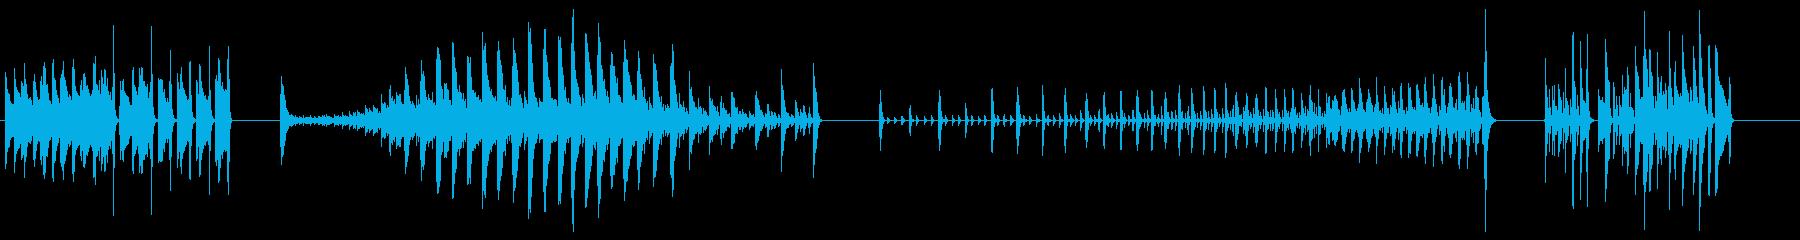 ハイハットプレイ-4エフェクト;さ...の再生済みの波形